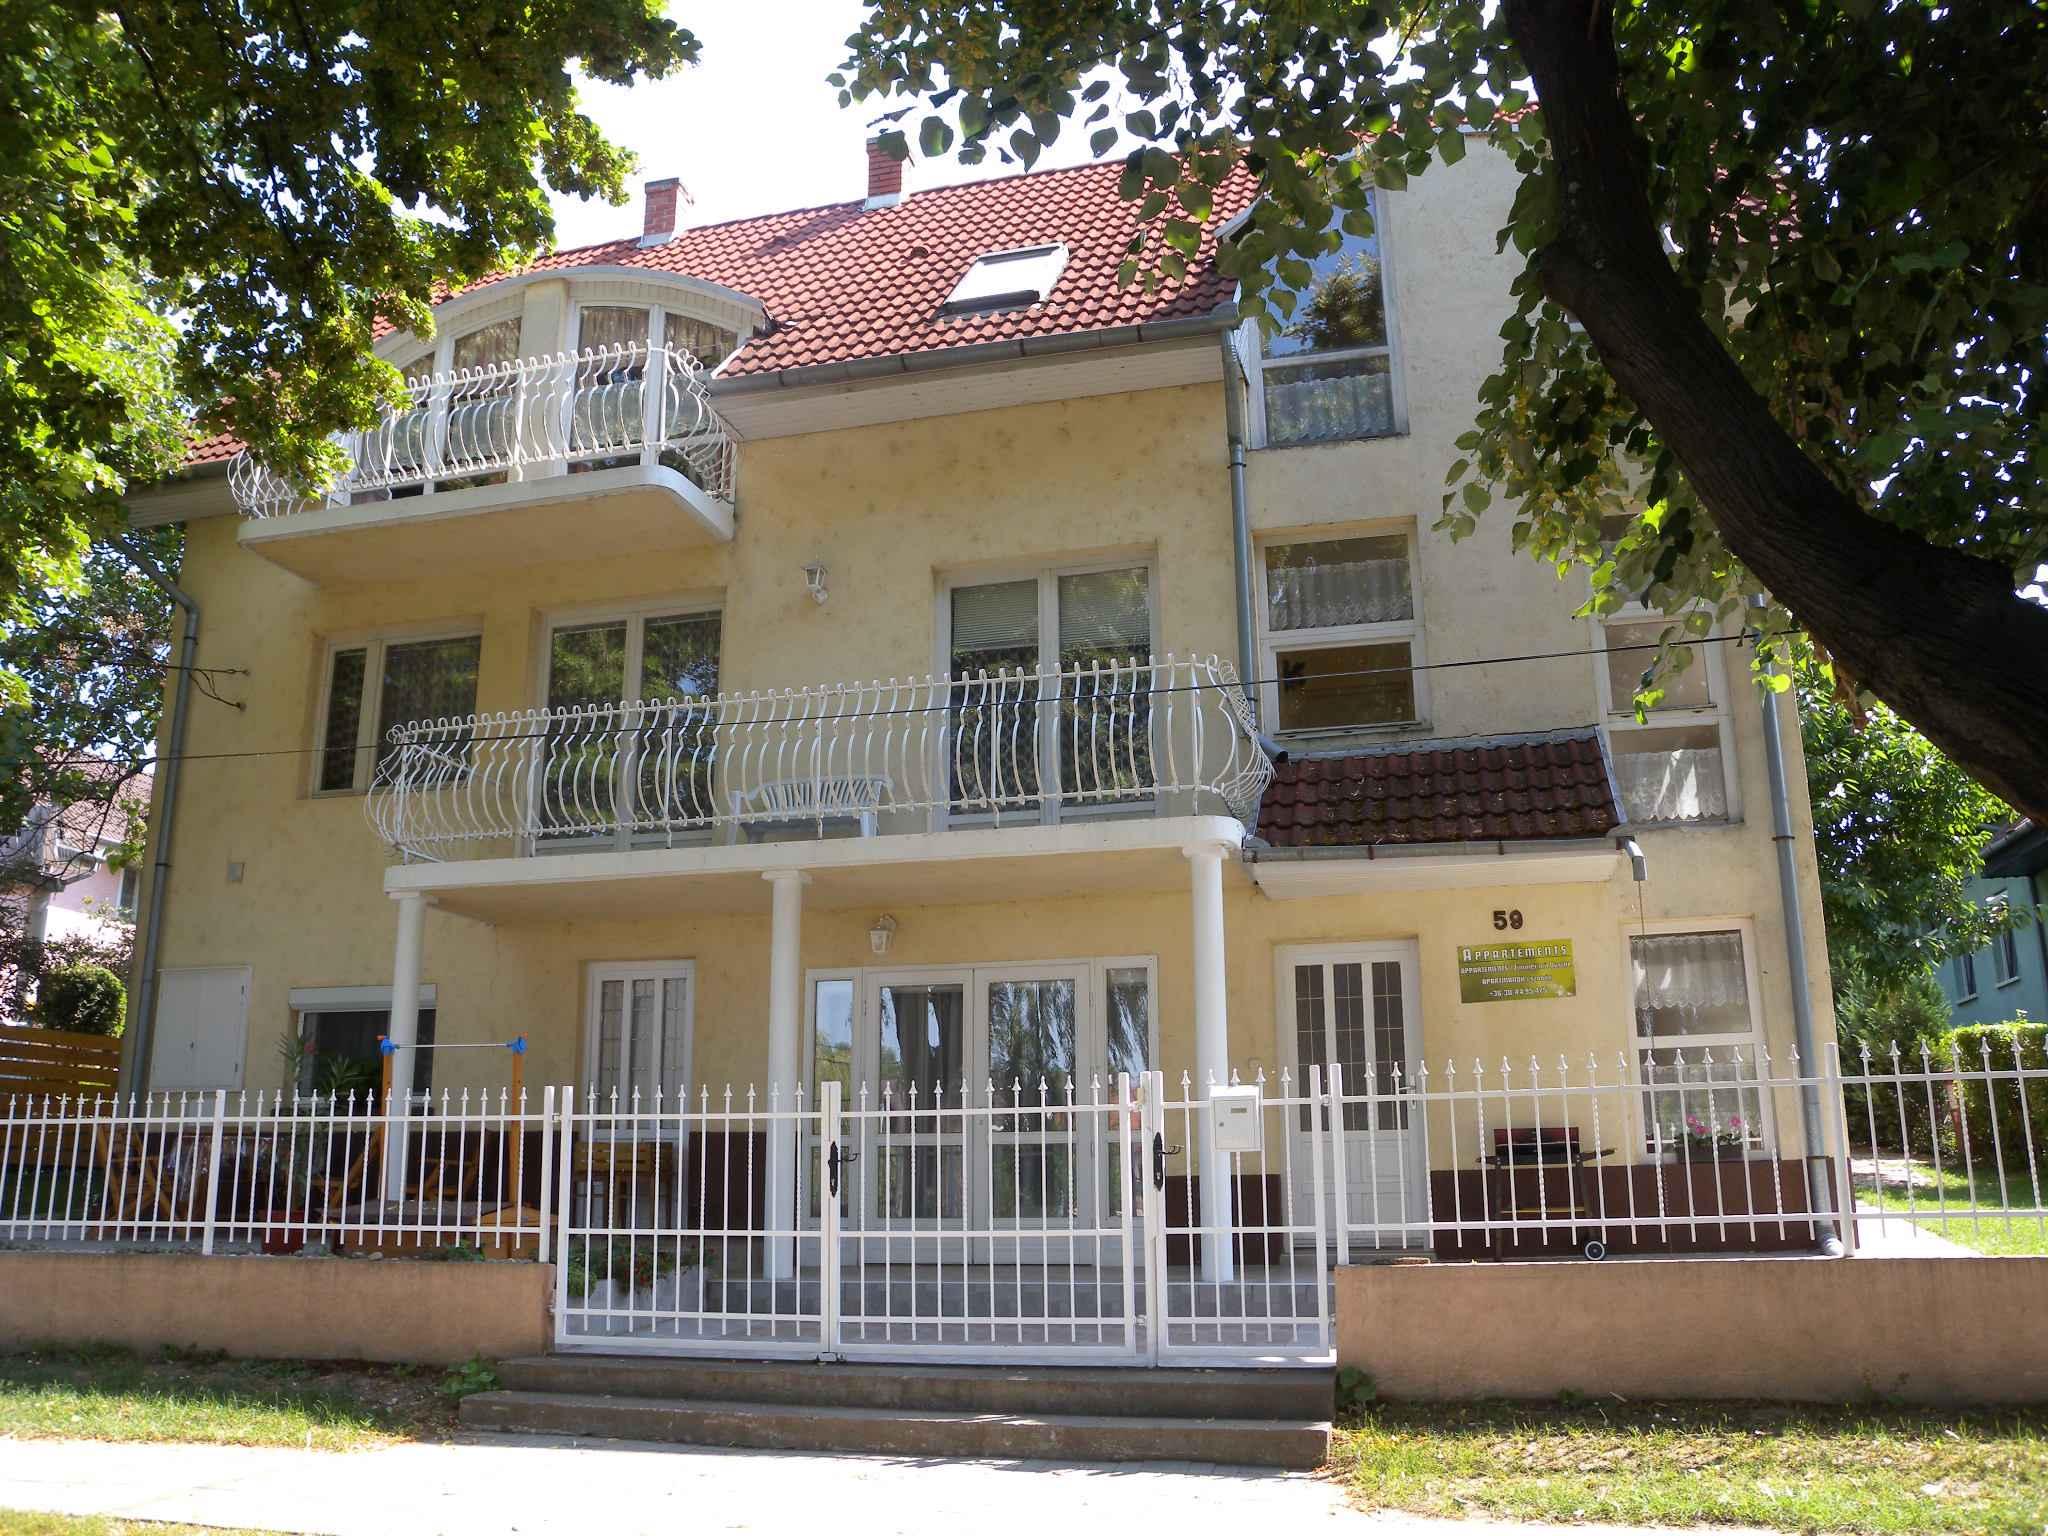 Studio mit Kinderspielplatz und Balkon  in Ungarn